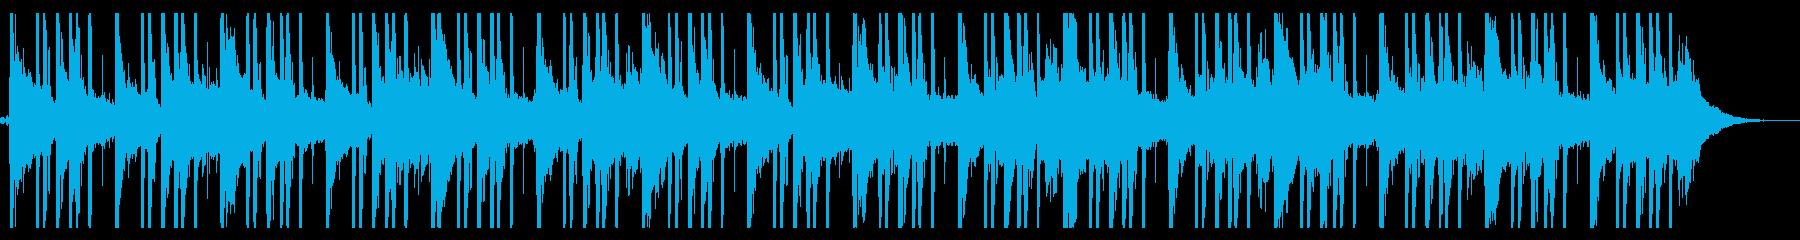 ローファイ/Hiphop_No382_2の再生済みの波形